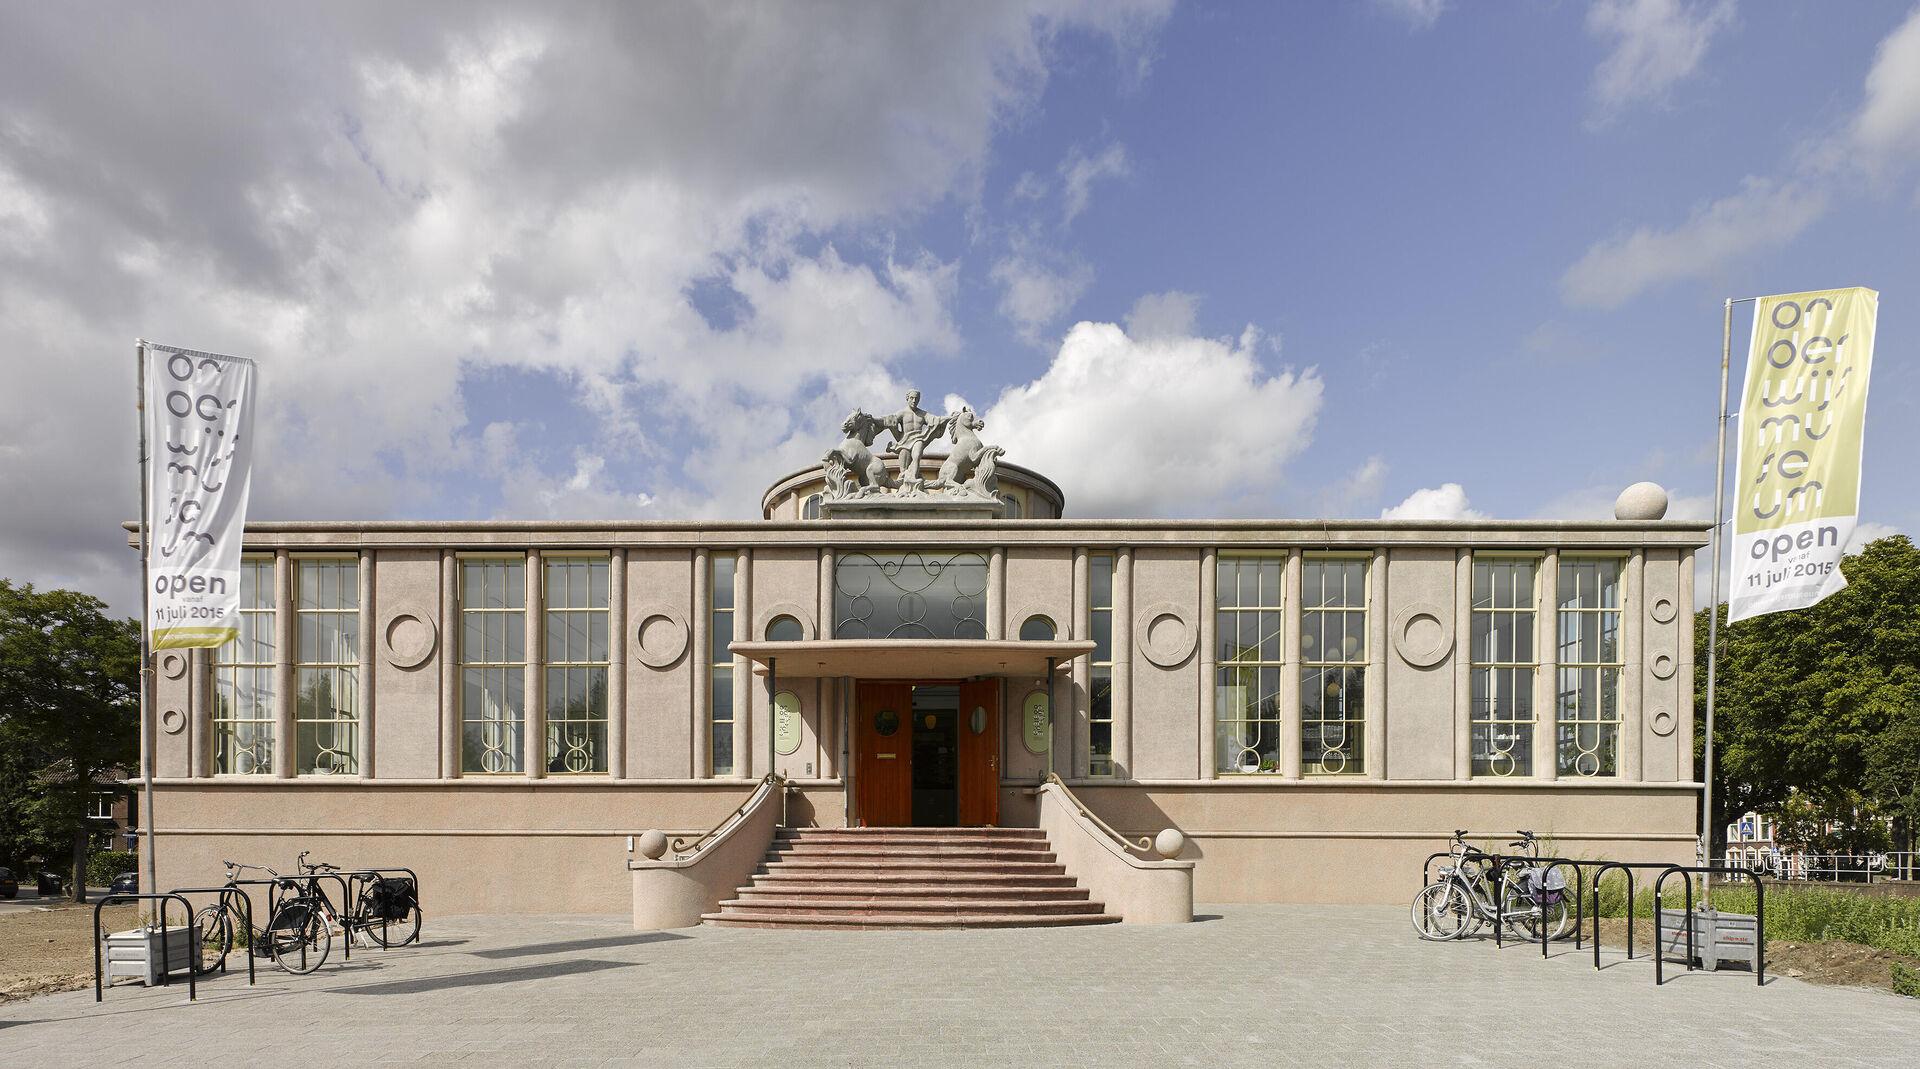 Onderwijsmuseum De Holland wint Betonprijs 2015